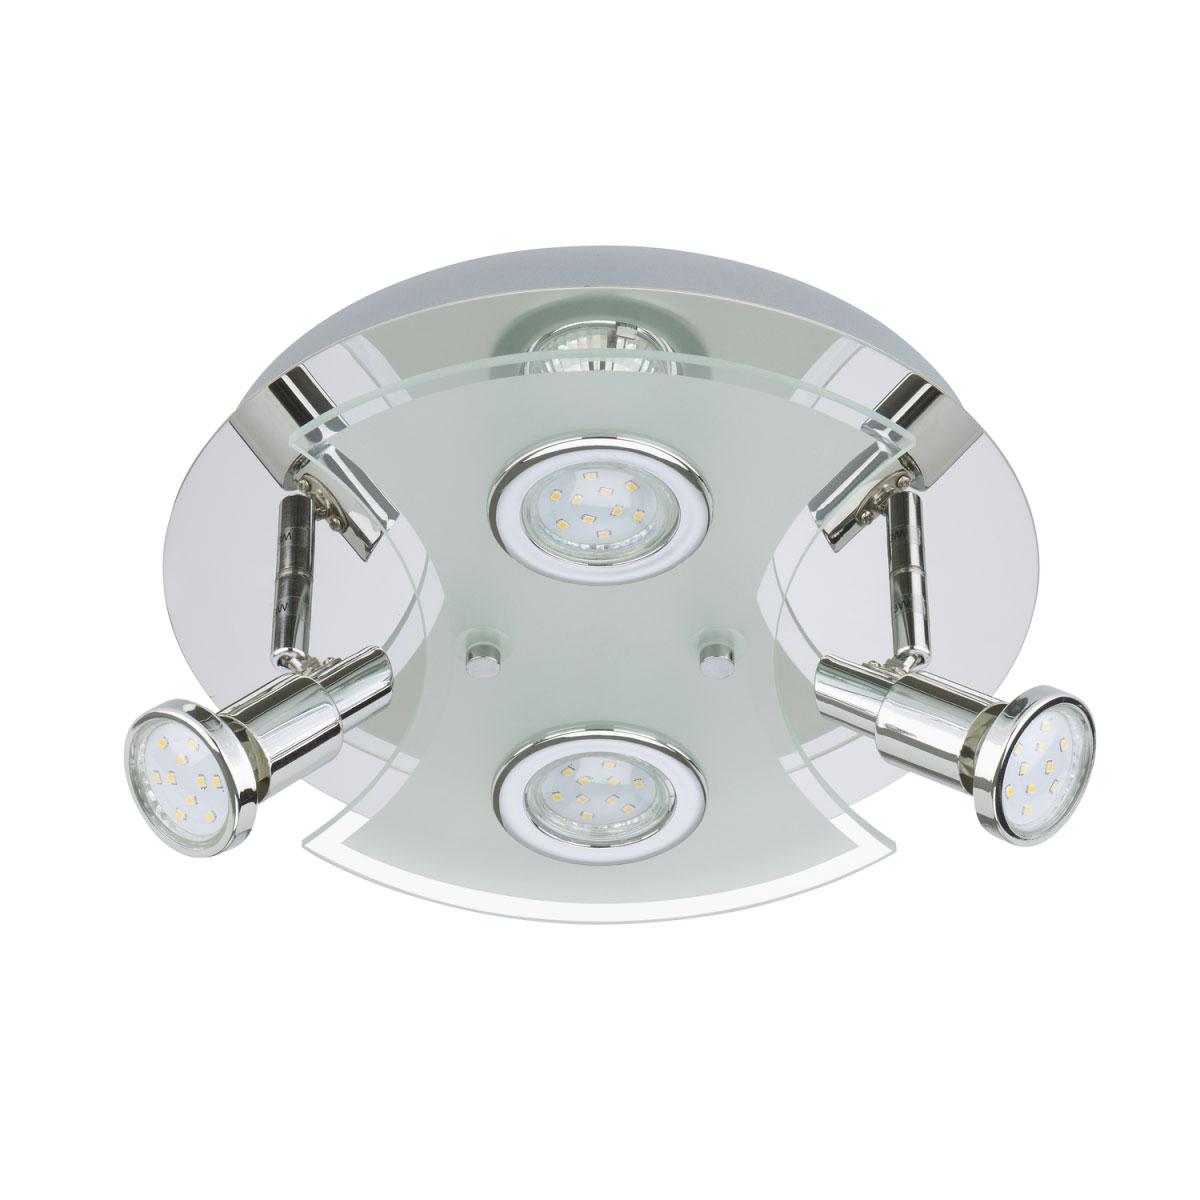 Deckenleuchten - LED LED Deckenleuchte, 4 fach  - Onlineshop Hellweg